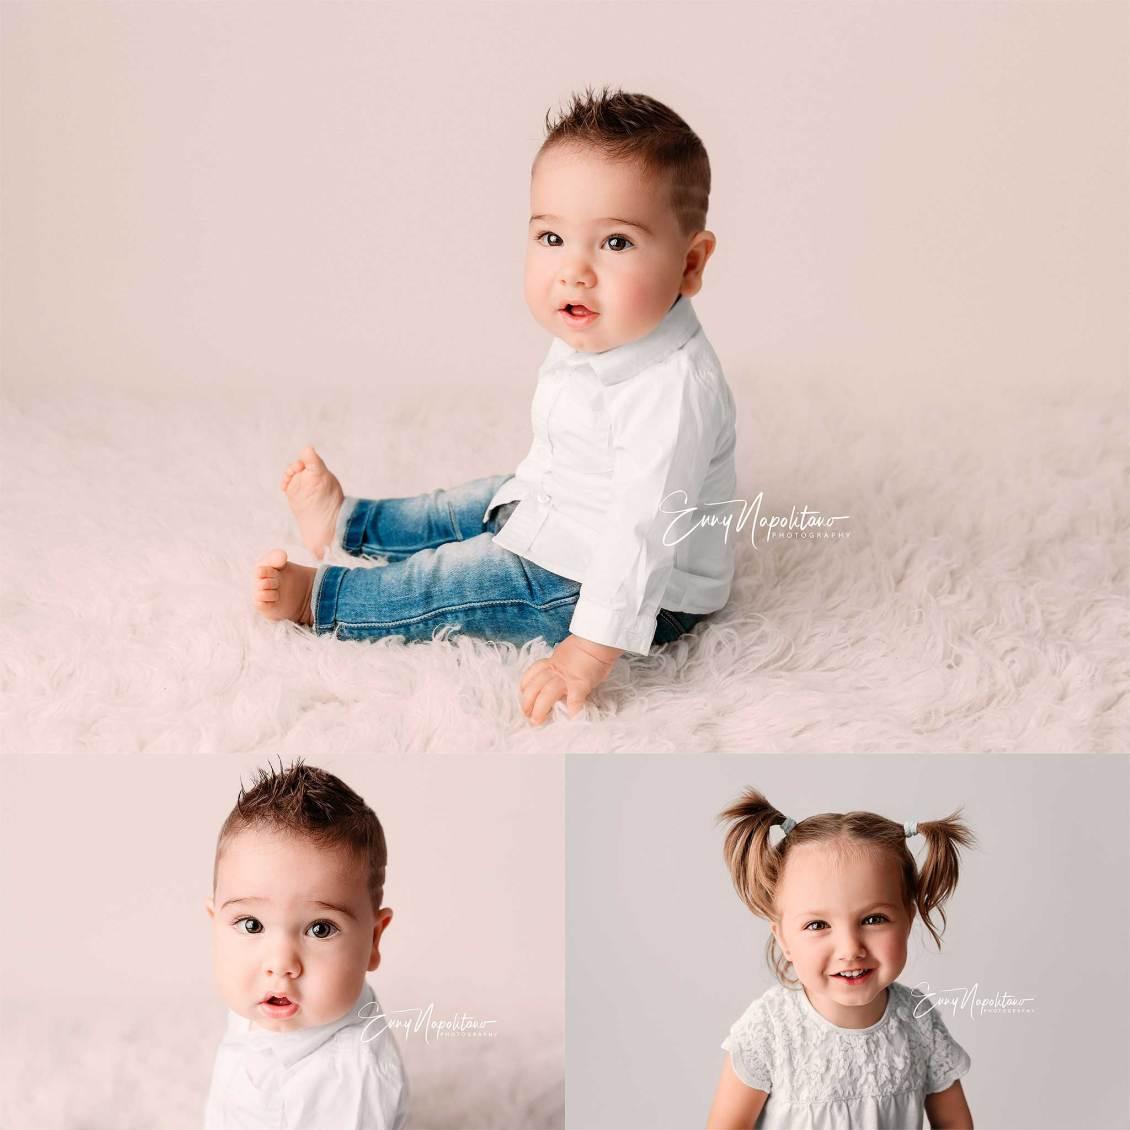 Fotografie di un bambino di 7 mesi servizio fotografico bimbi a Milano